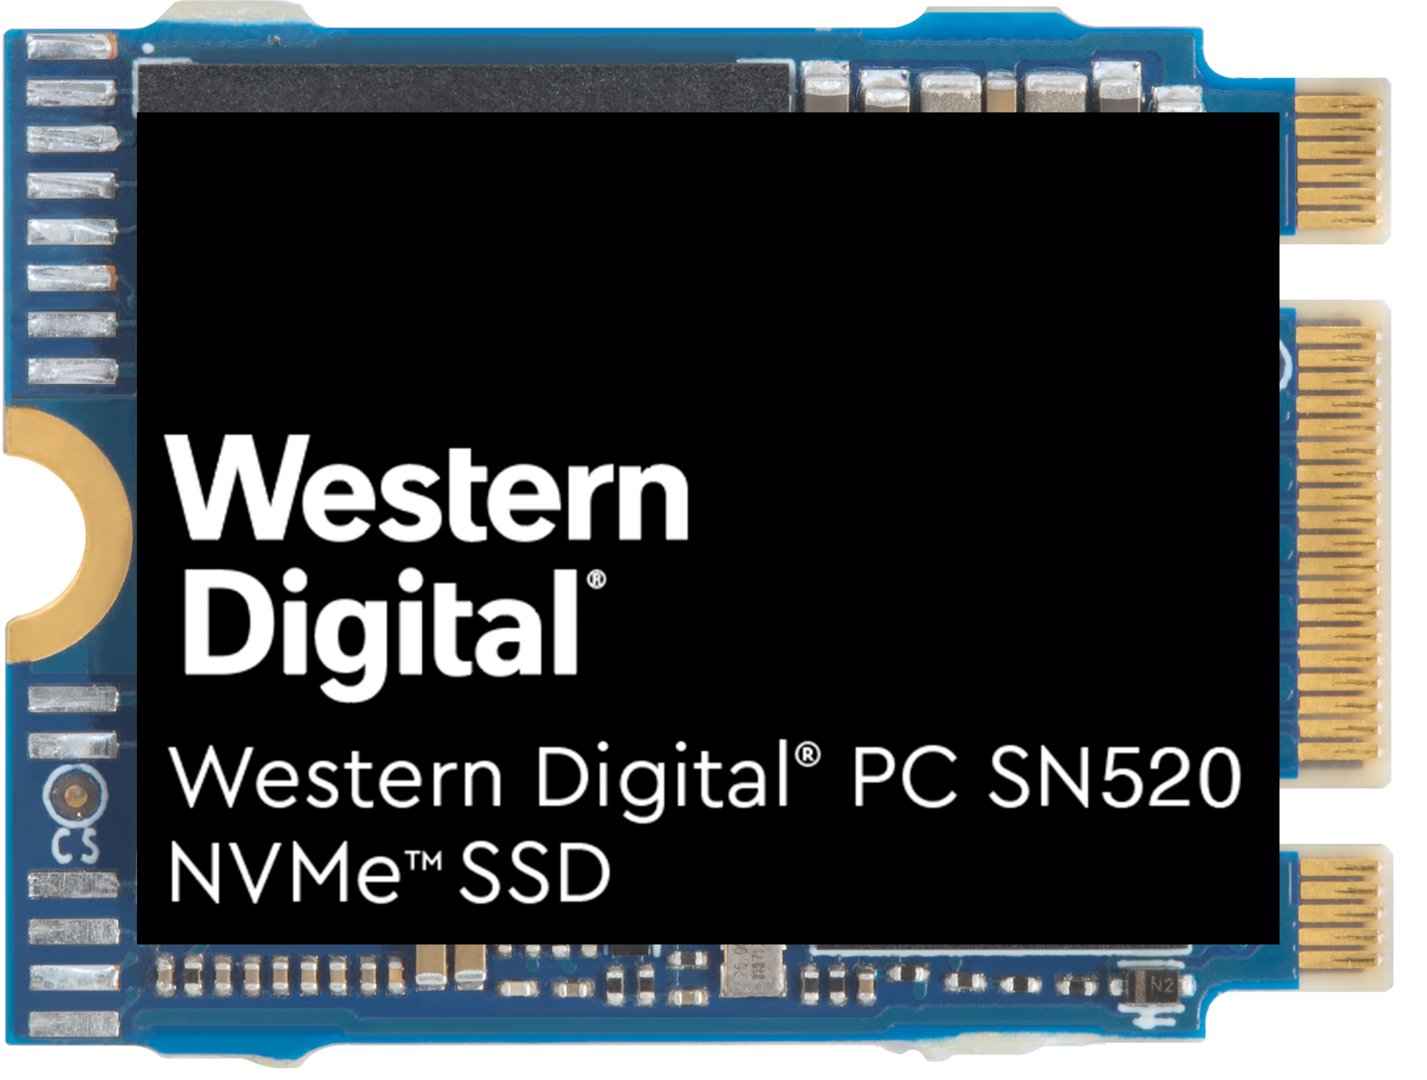 PC SN520 (M.2-2230)